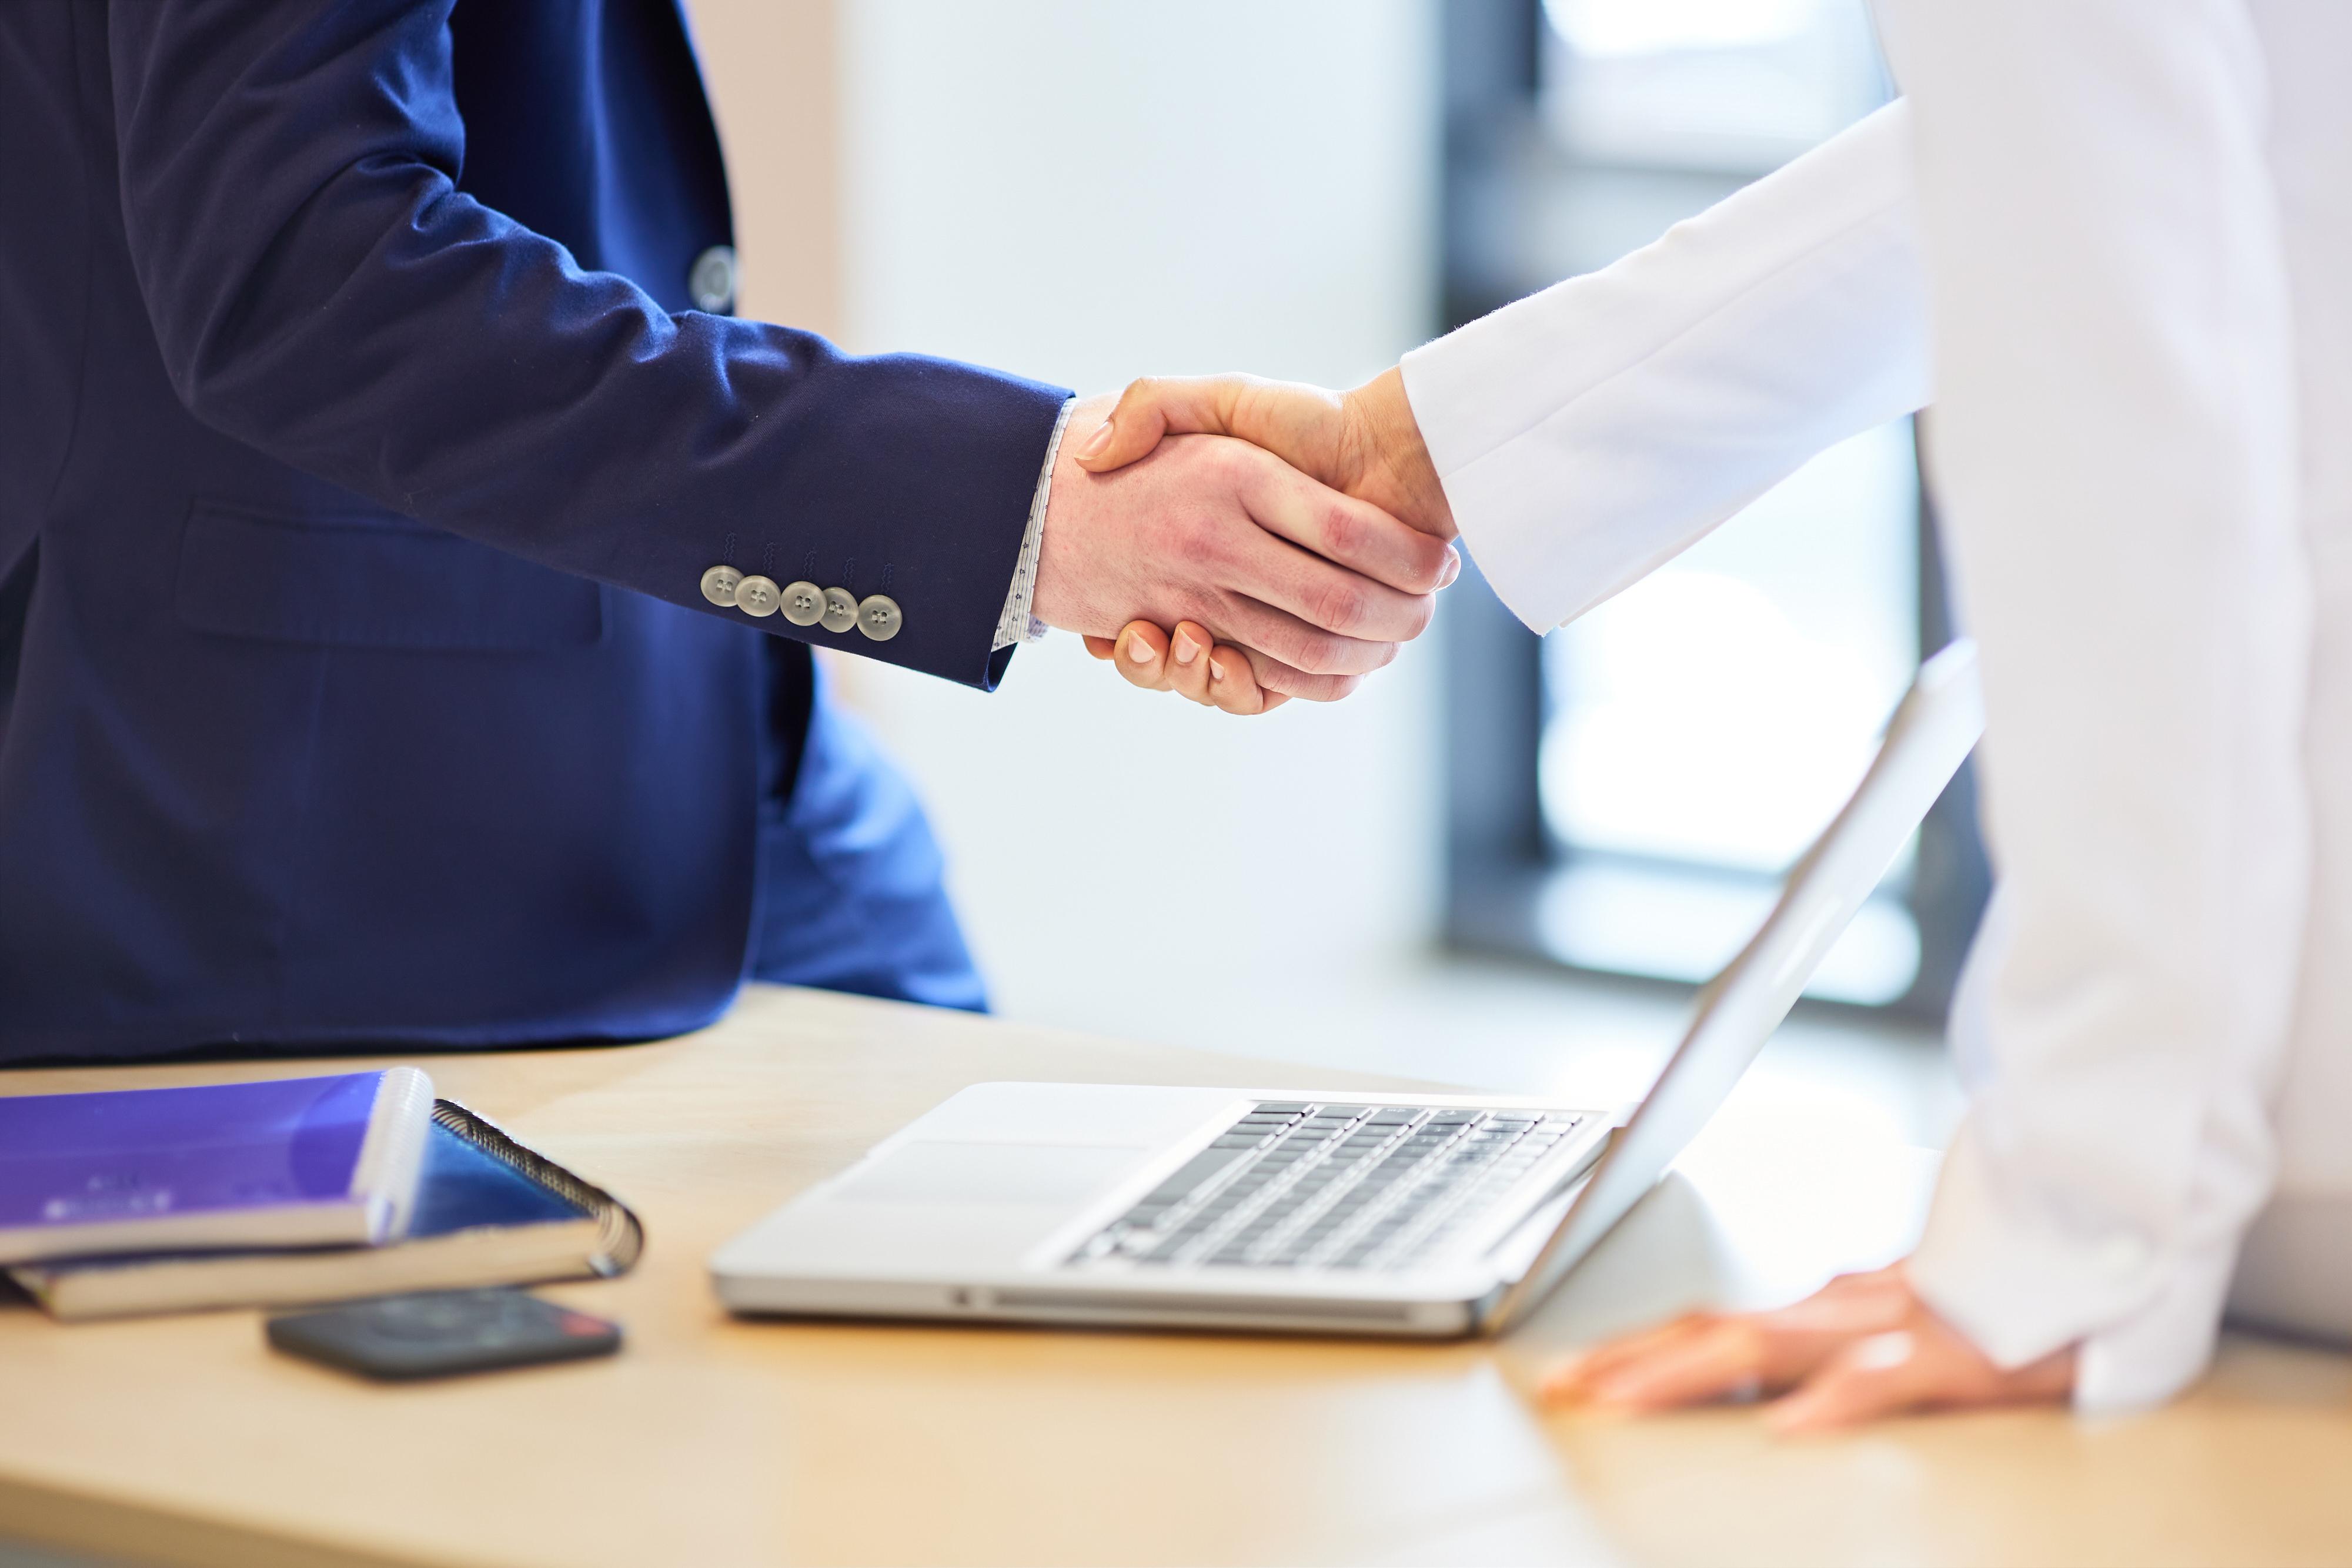 Handshake between two colleagues